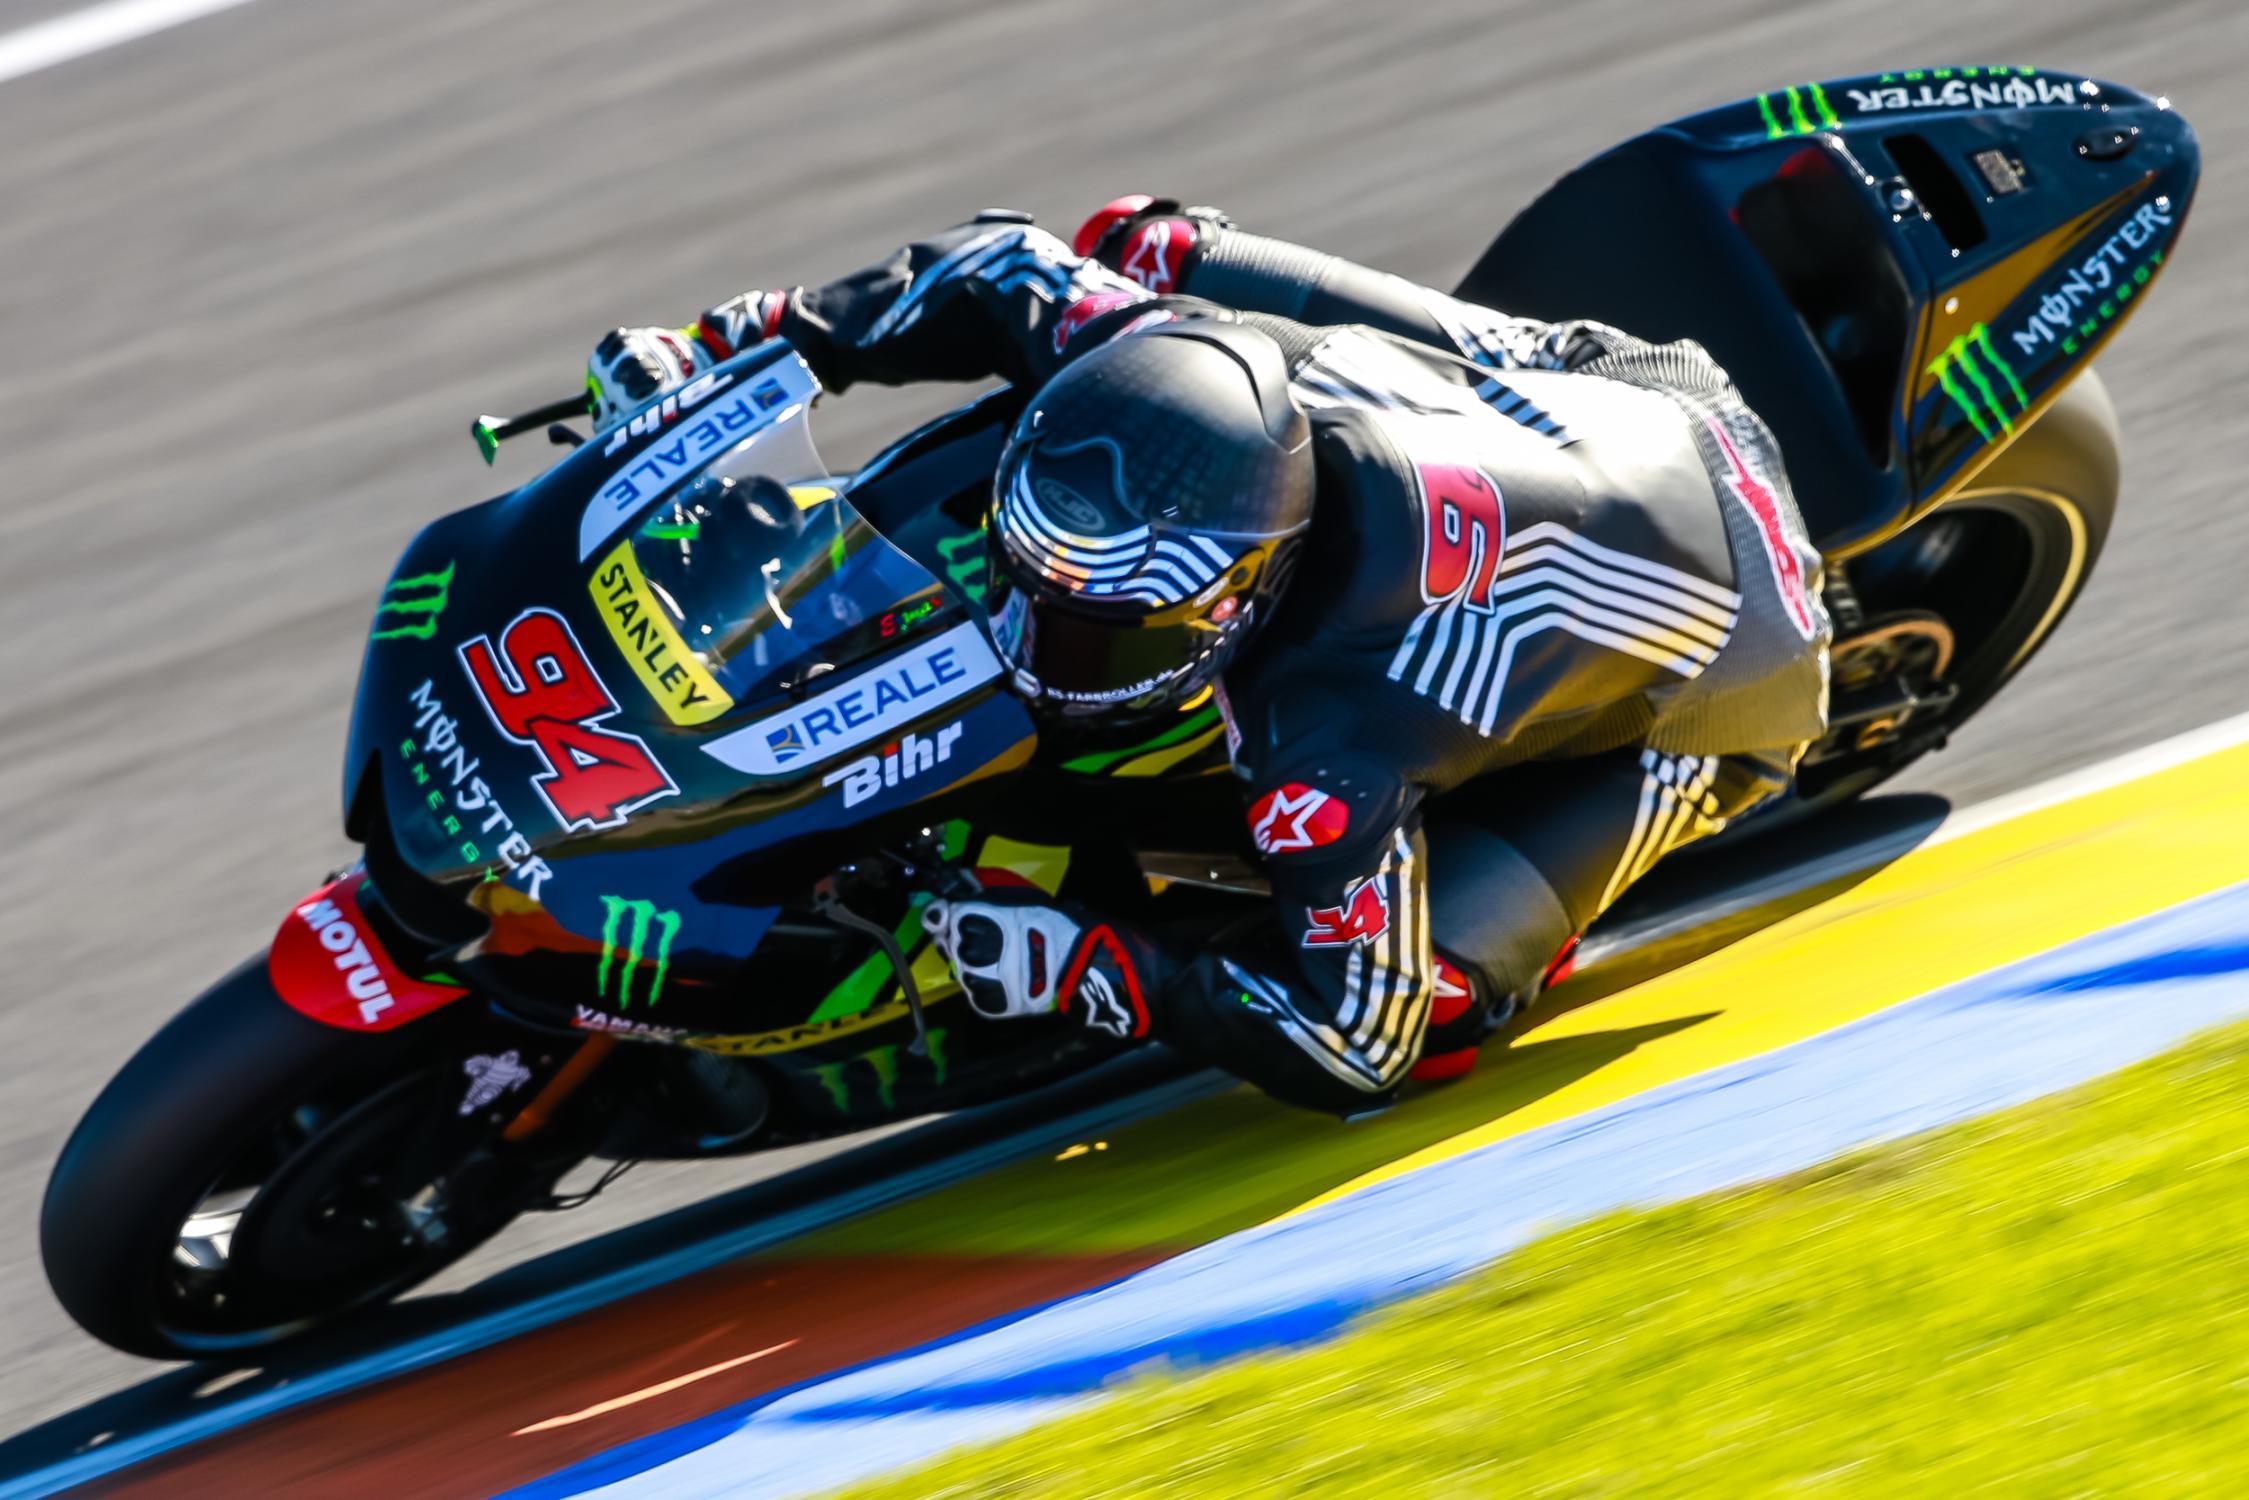 Jonas Folger, con la Yamaha del team Tech 3 durante i testi del Ricardo Tormo (foto da: autonewsinfo.com)